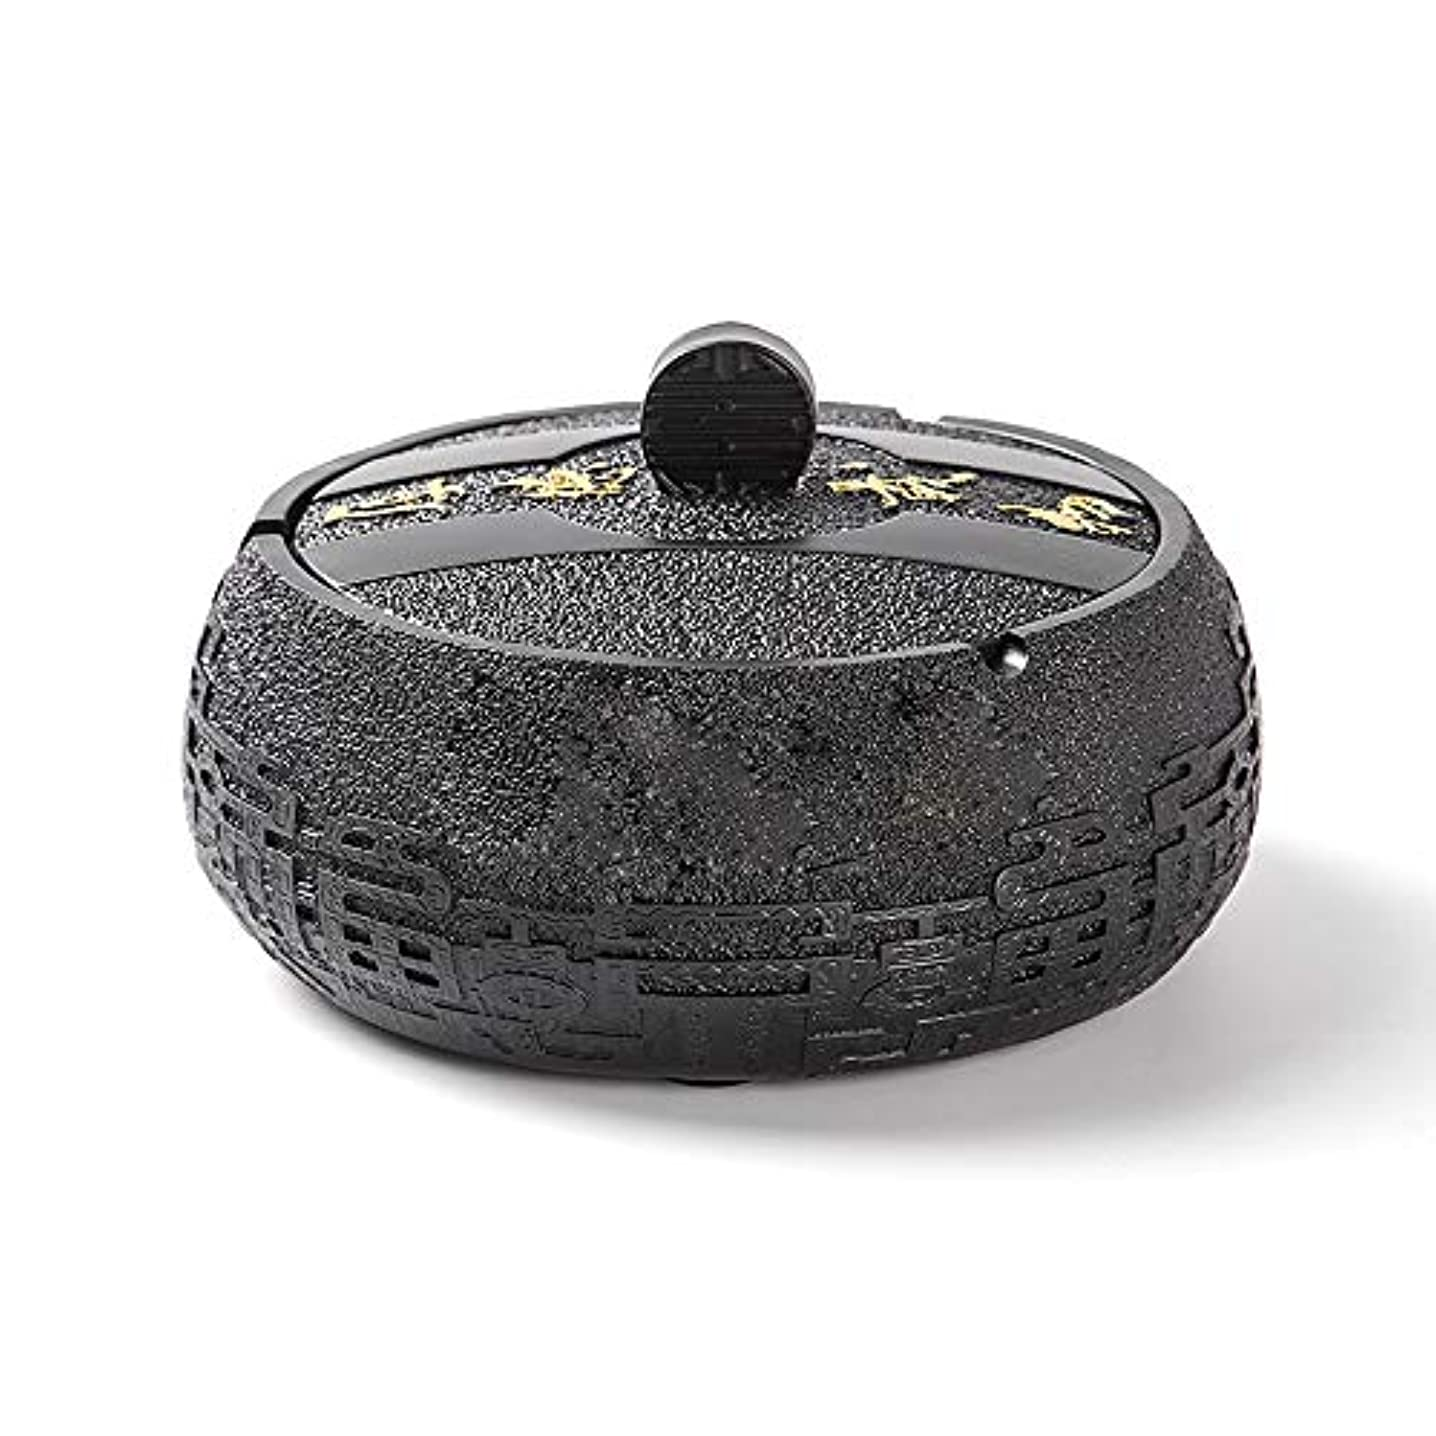 イタリックハブ平和なタバコ、ギフトおよび総本店の装飾のための円形の光沢のある環境に優しい樹脂の灰皿 (色 : 黒)